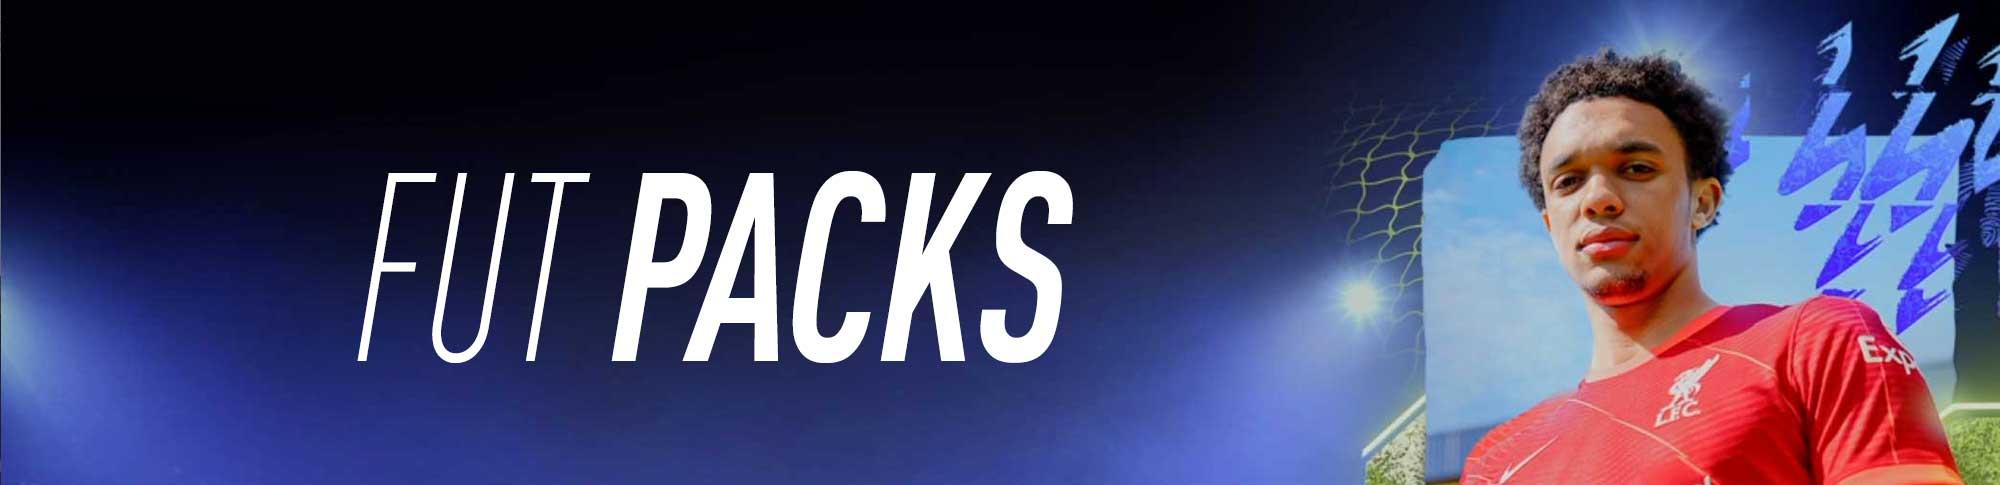 FIFA 22 Packs Database